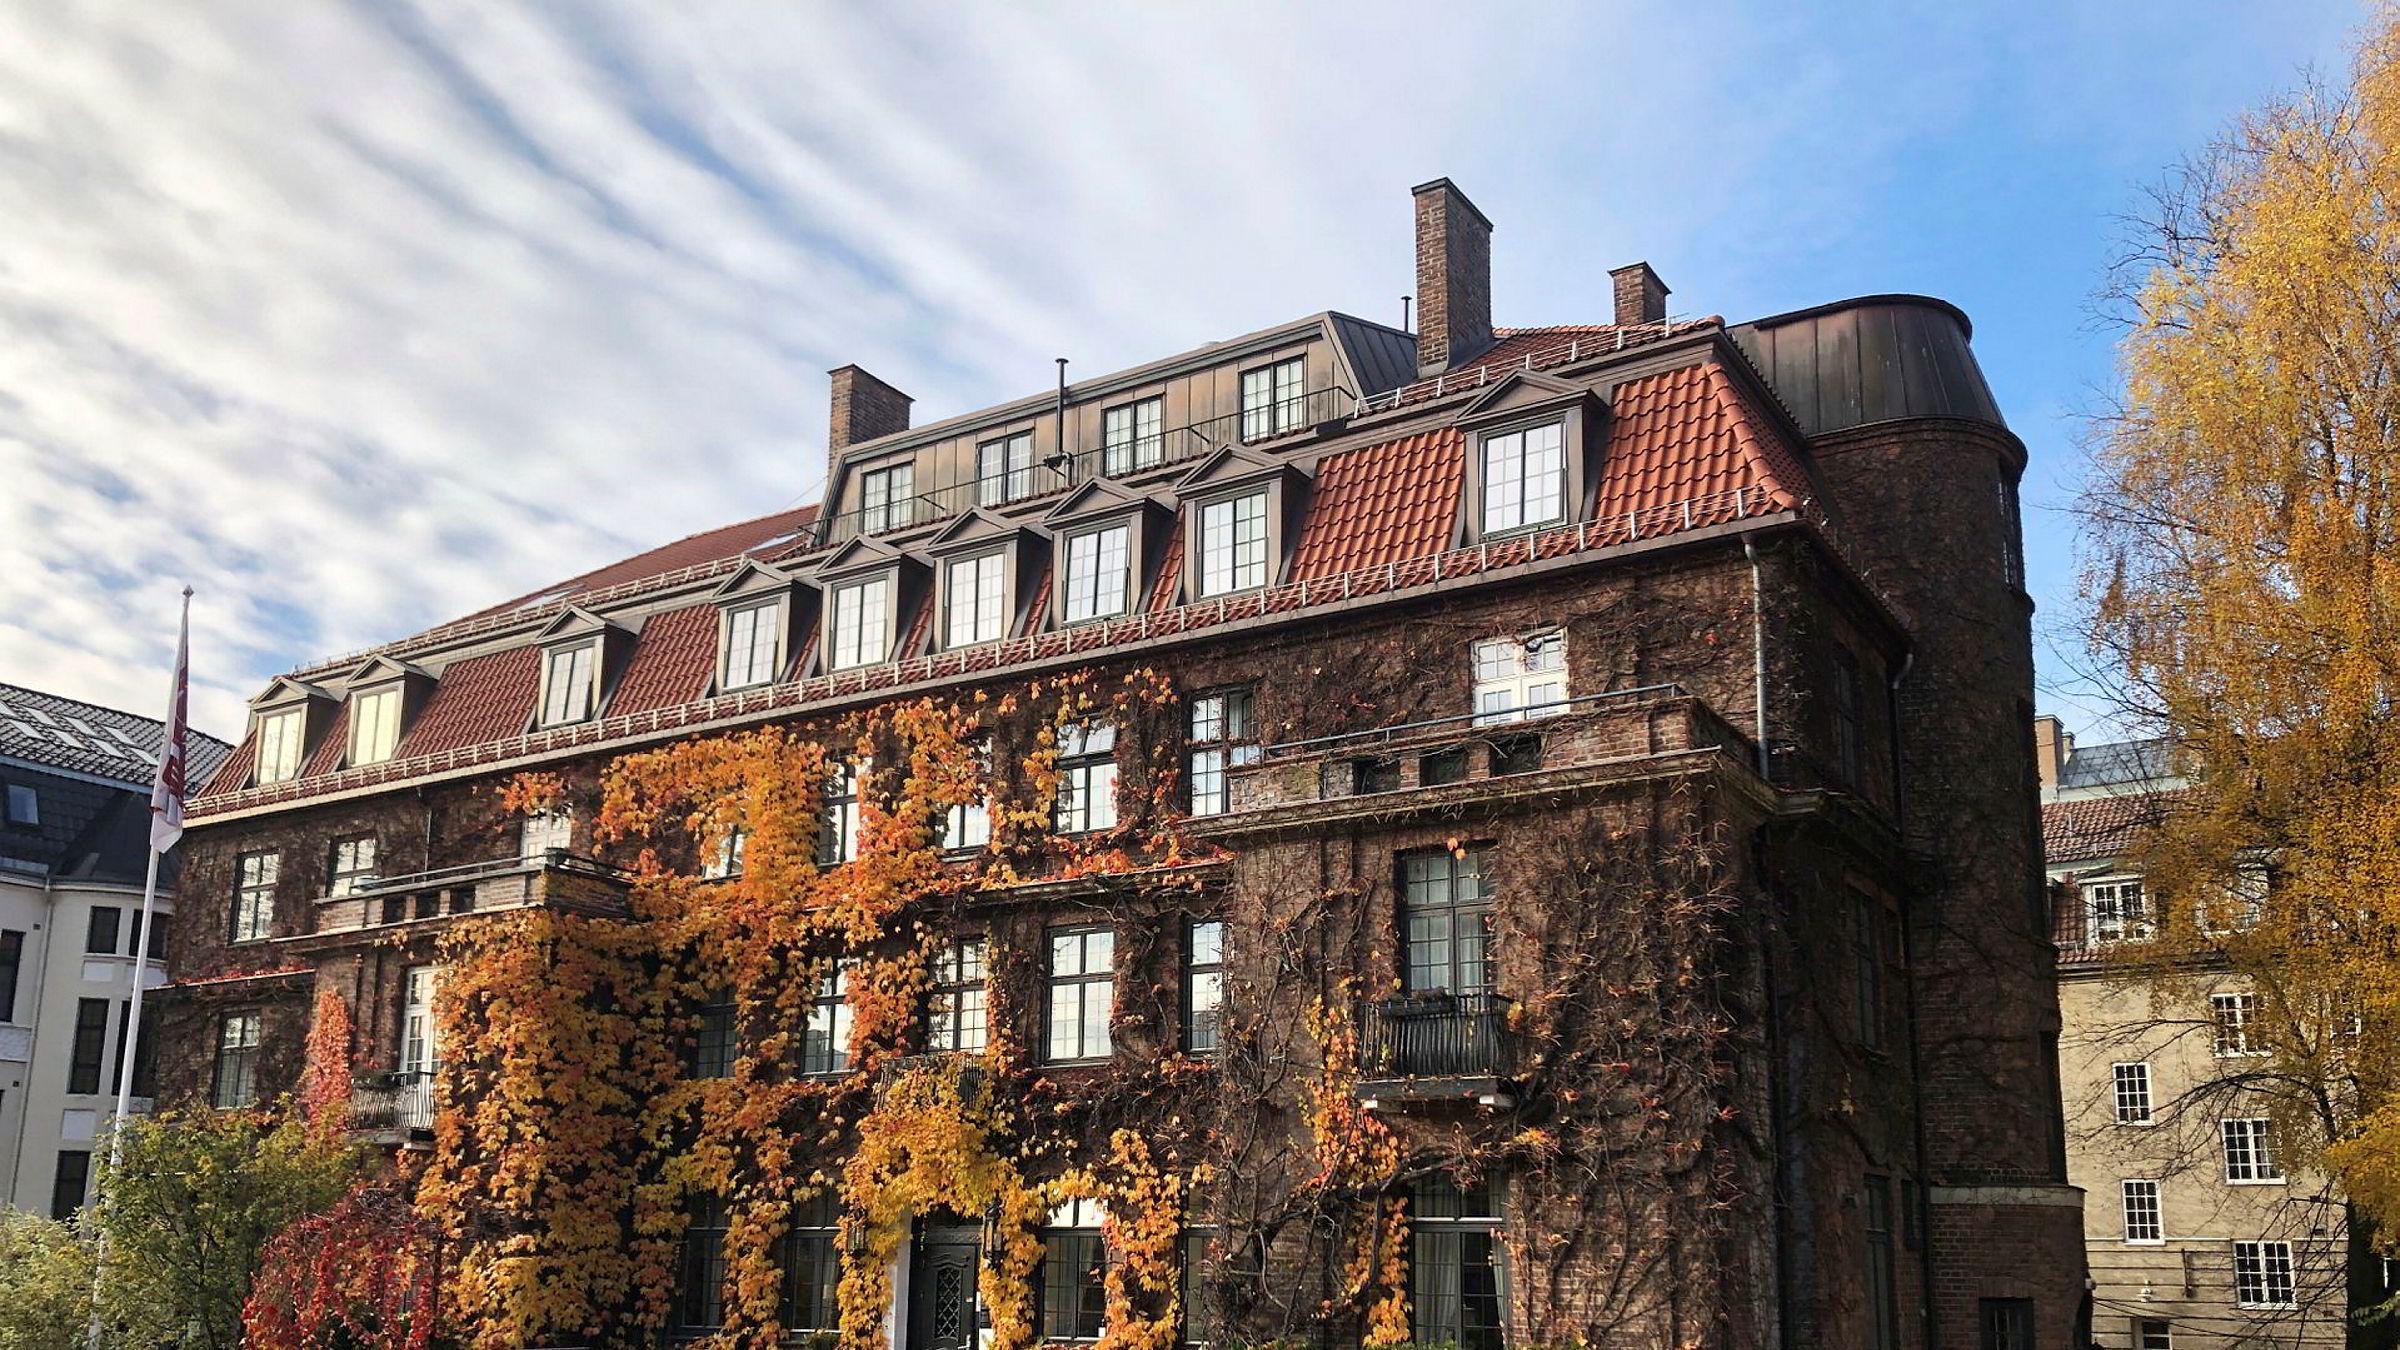 Clarion Collection Hotel Gabelshus ligger i Gabels gate på Frogner i Oslo med mange av hovedstadens ambassadører i området.